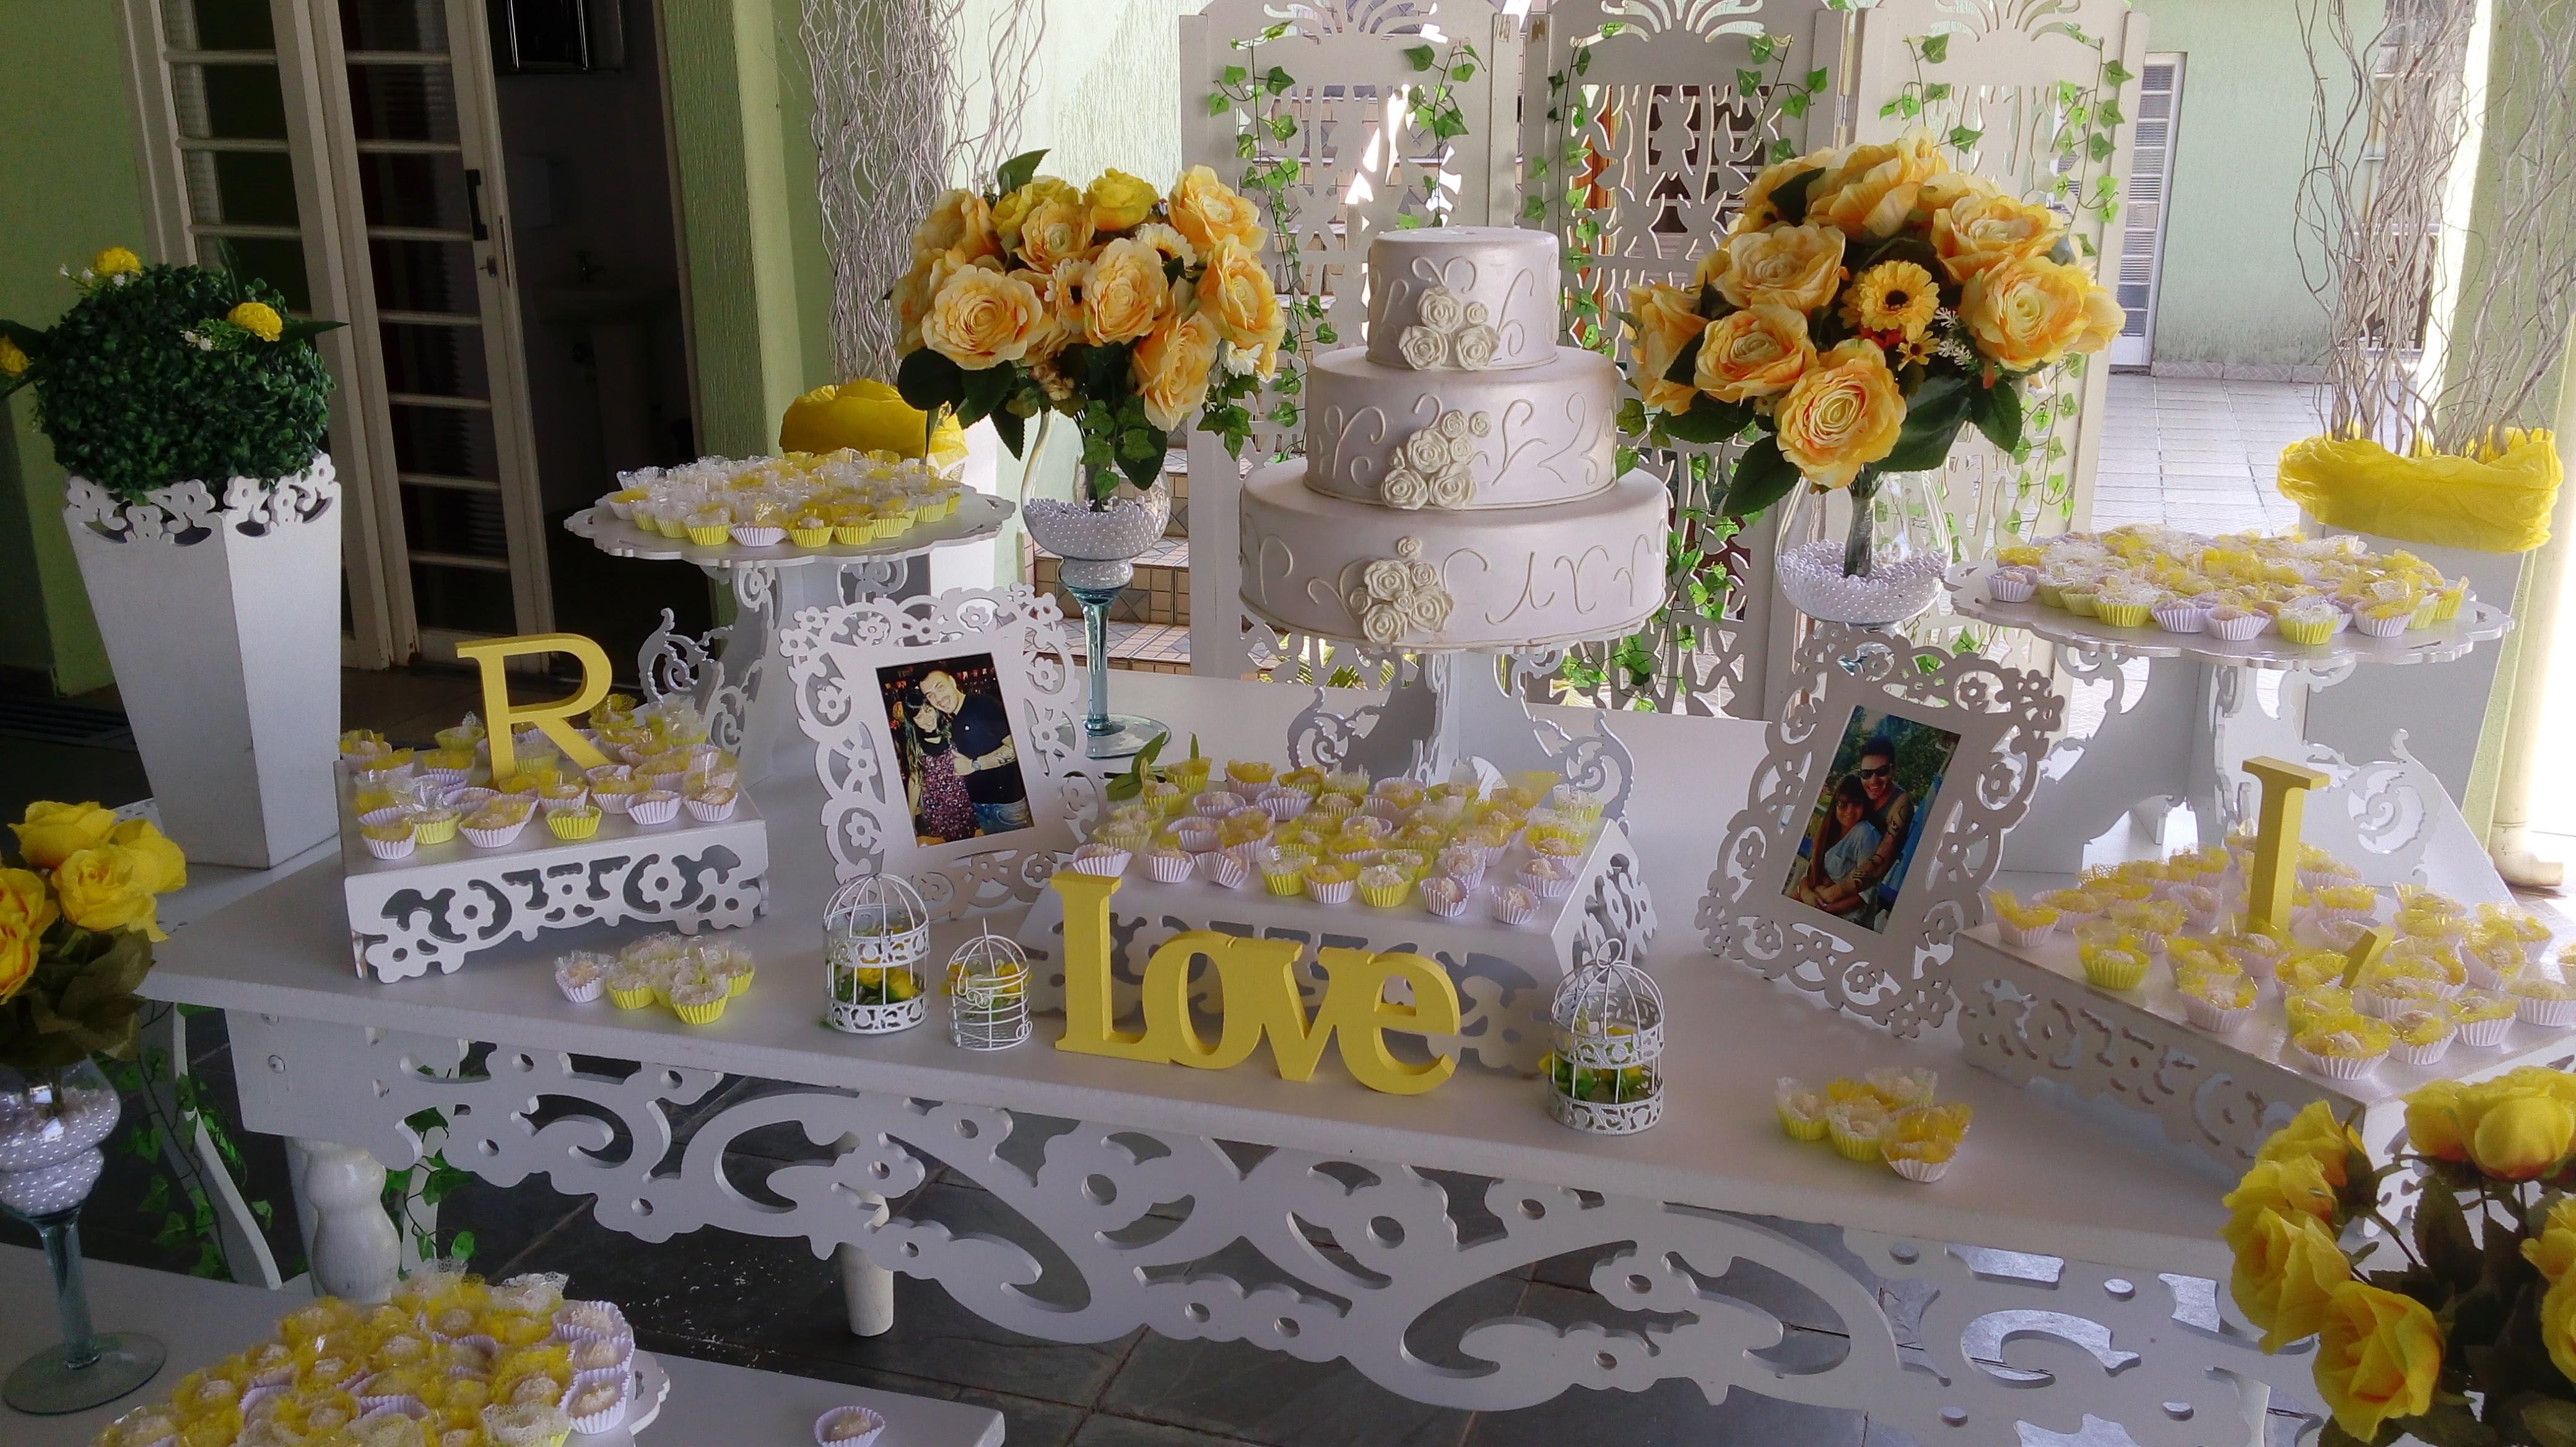 decoracao-noivado-casamento-amarelo-decoracao-provencal-casamento-amarelo.jpg